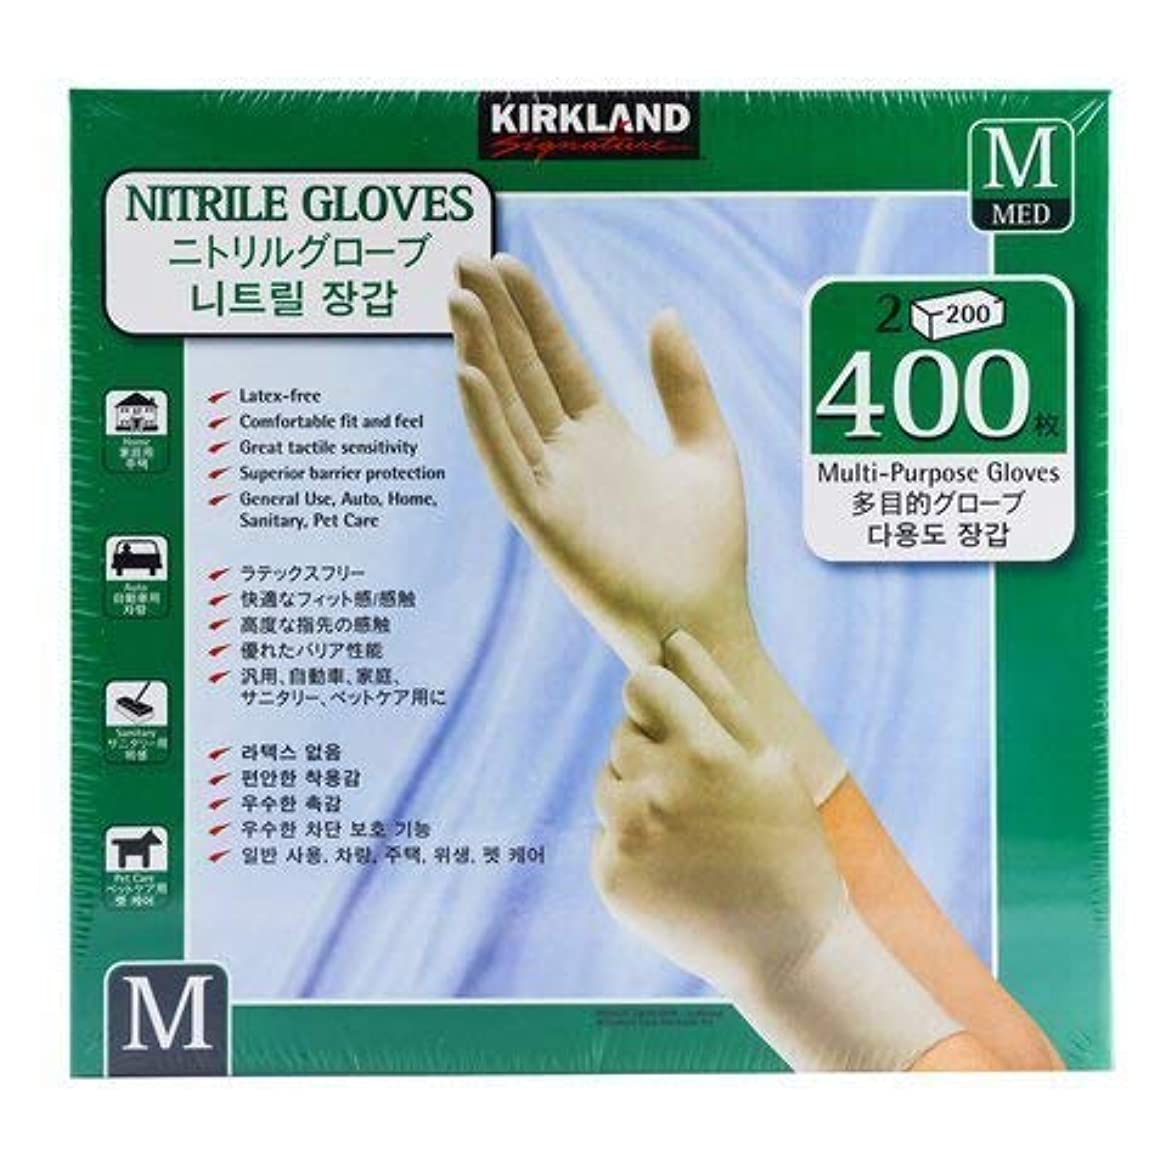 絶縁するケイ素楕円形ニトリル手袋 M 400 個 1個